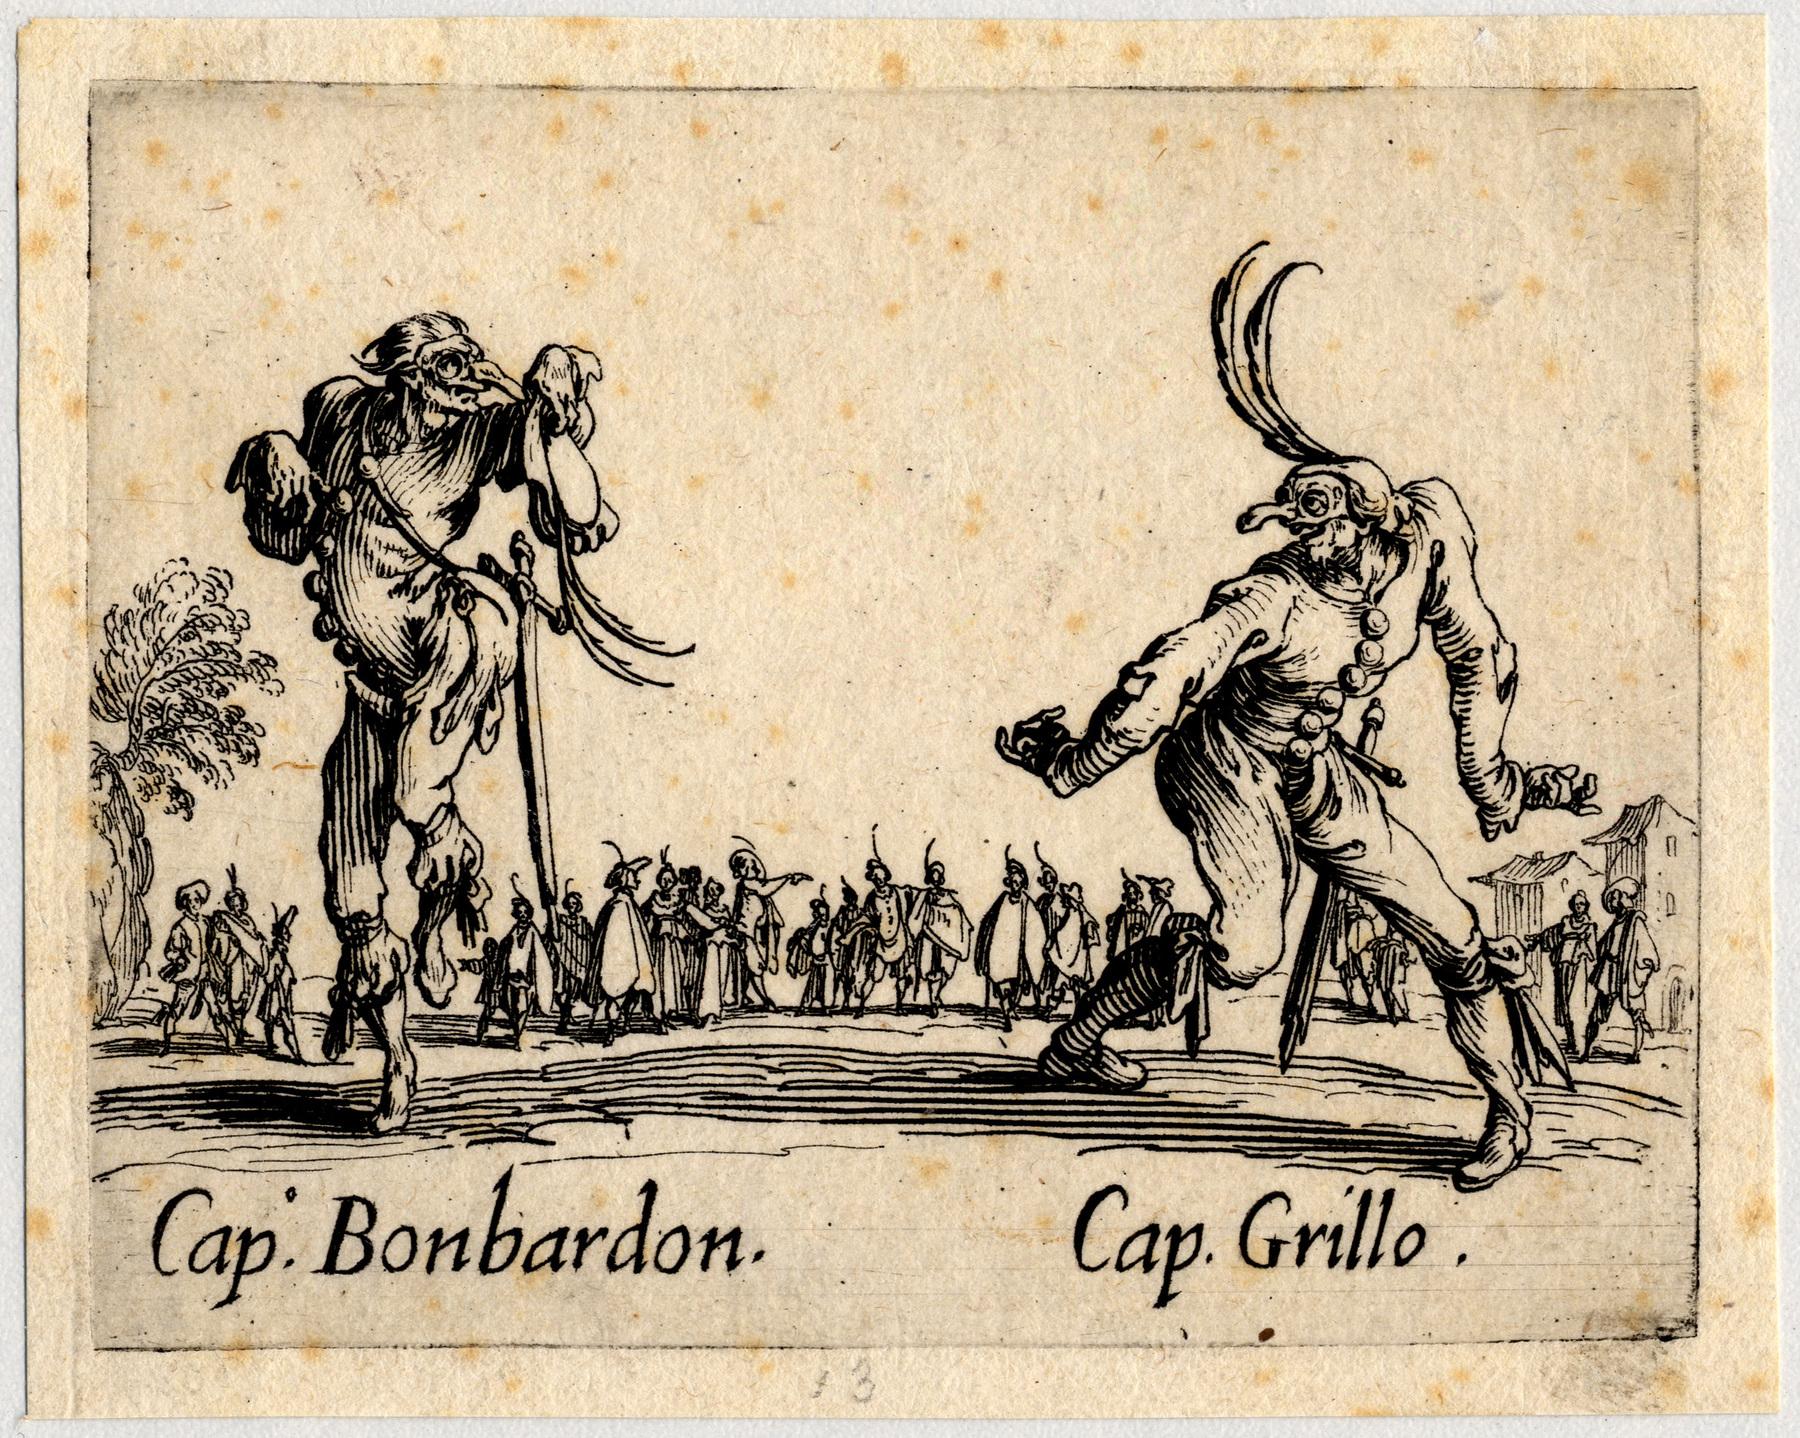 Contenu du Balli di Sfessania : Capitaine Bonbardon, Grillo